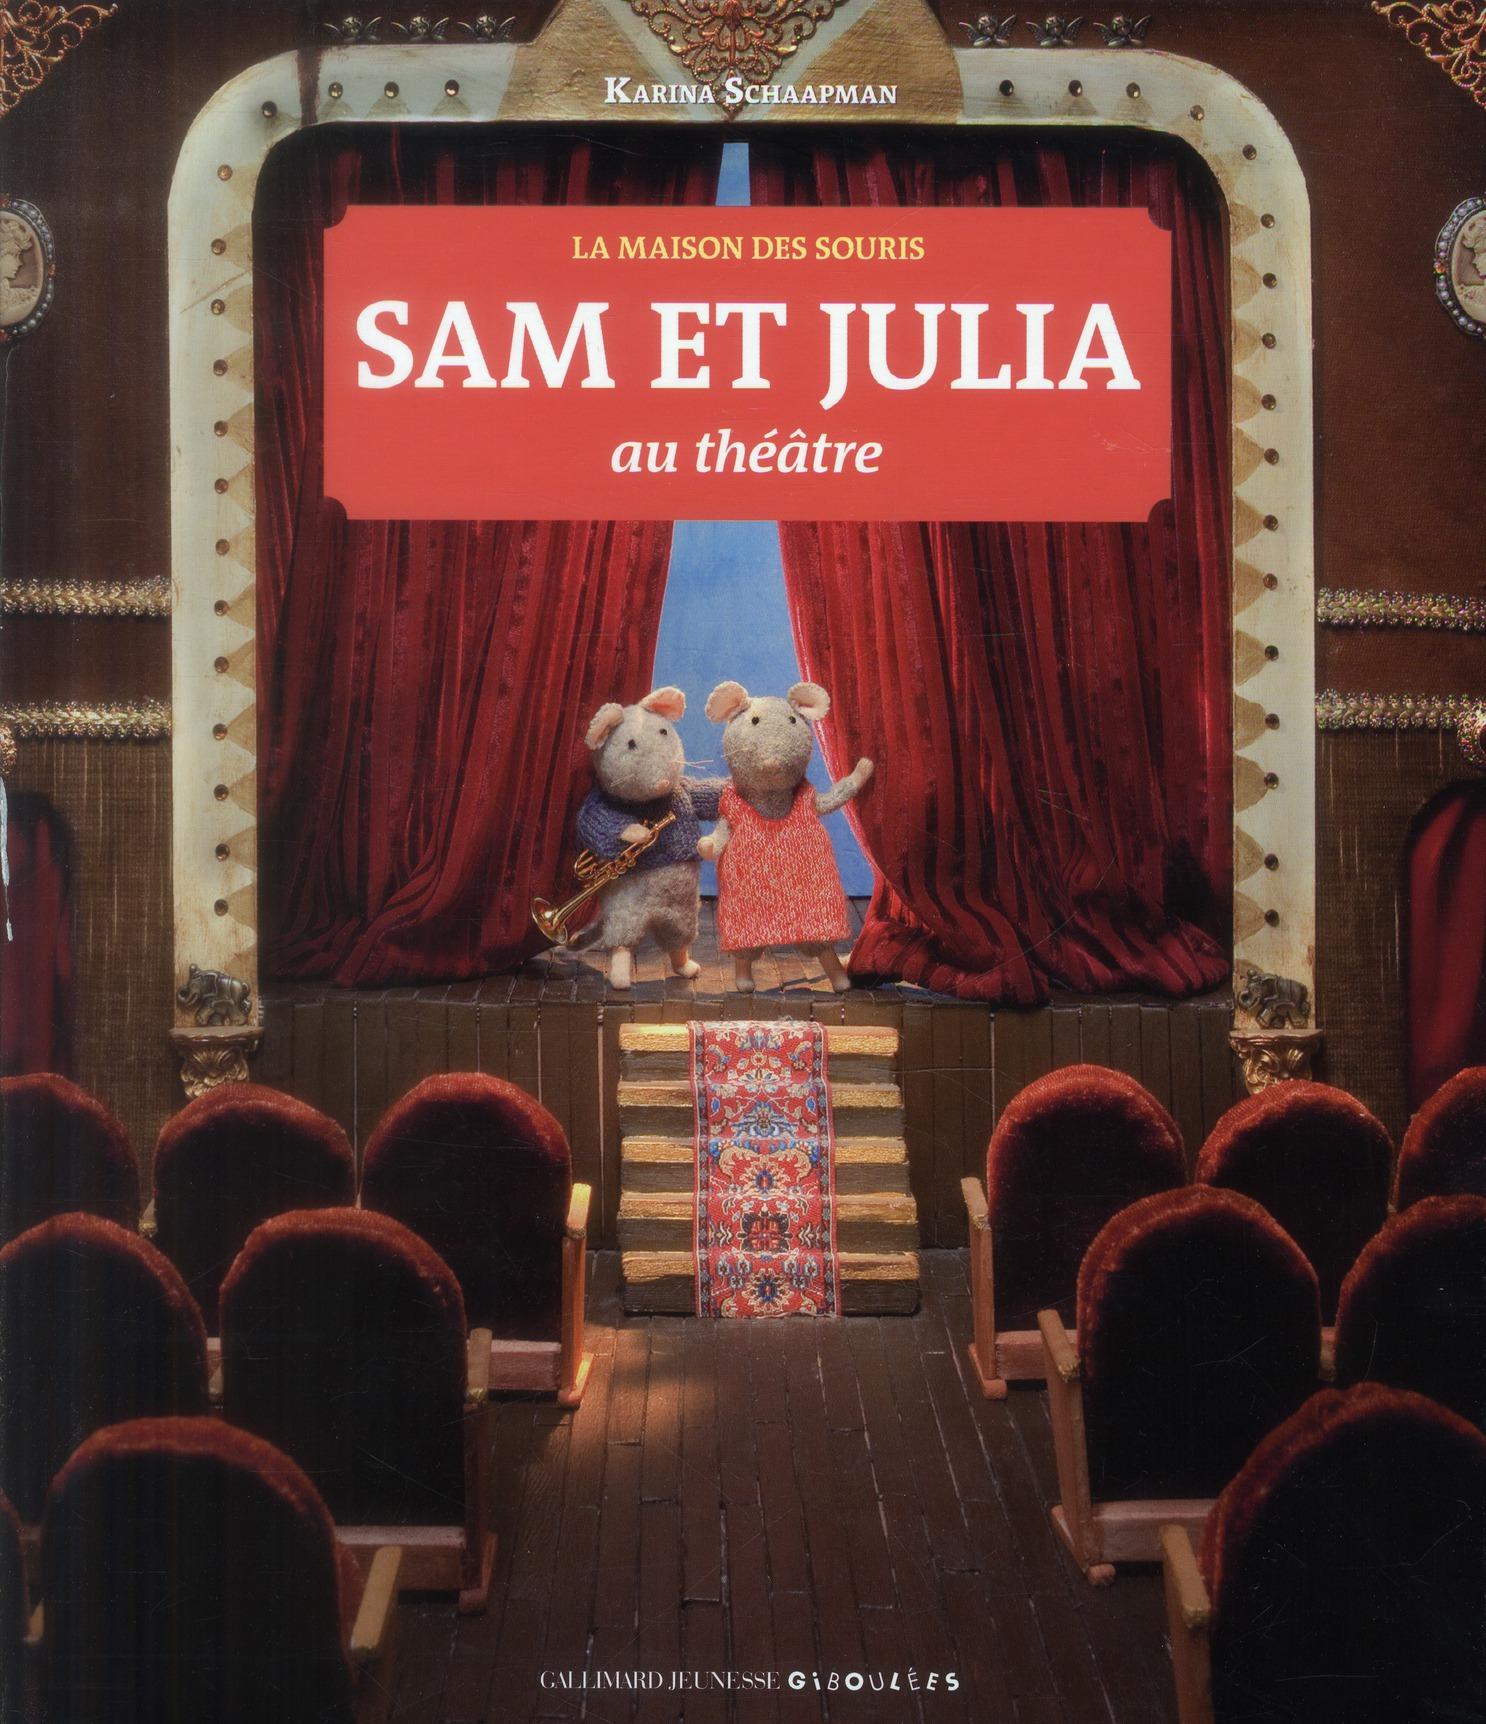 Sam et Julia au théâtre